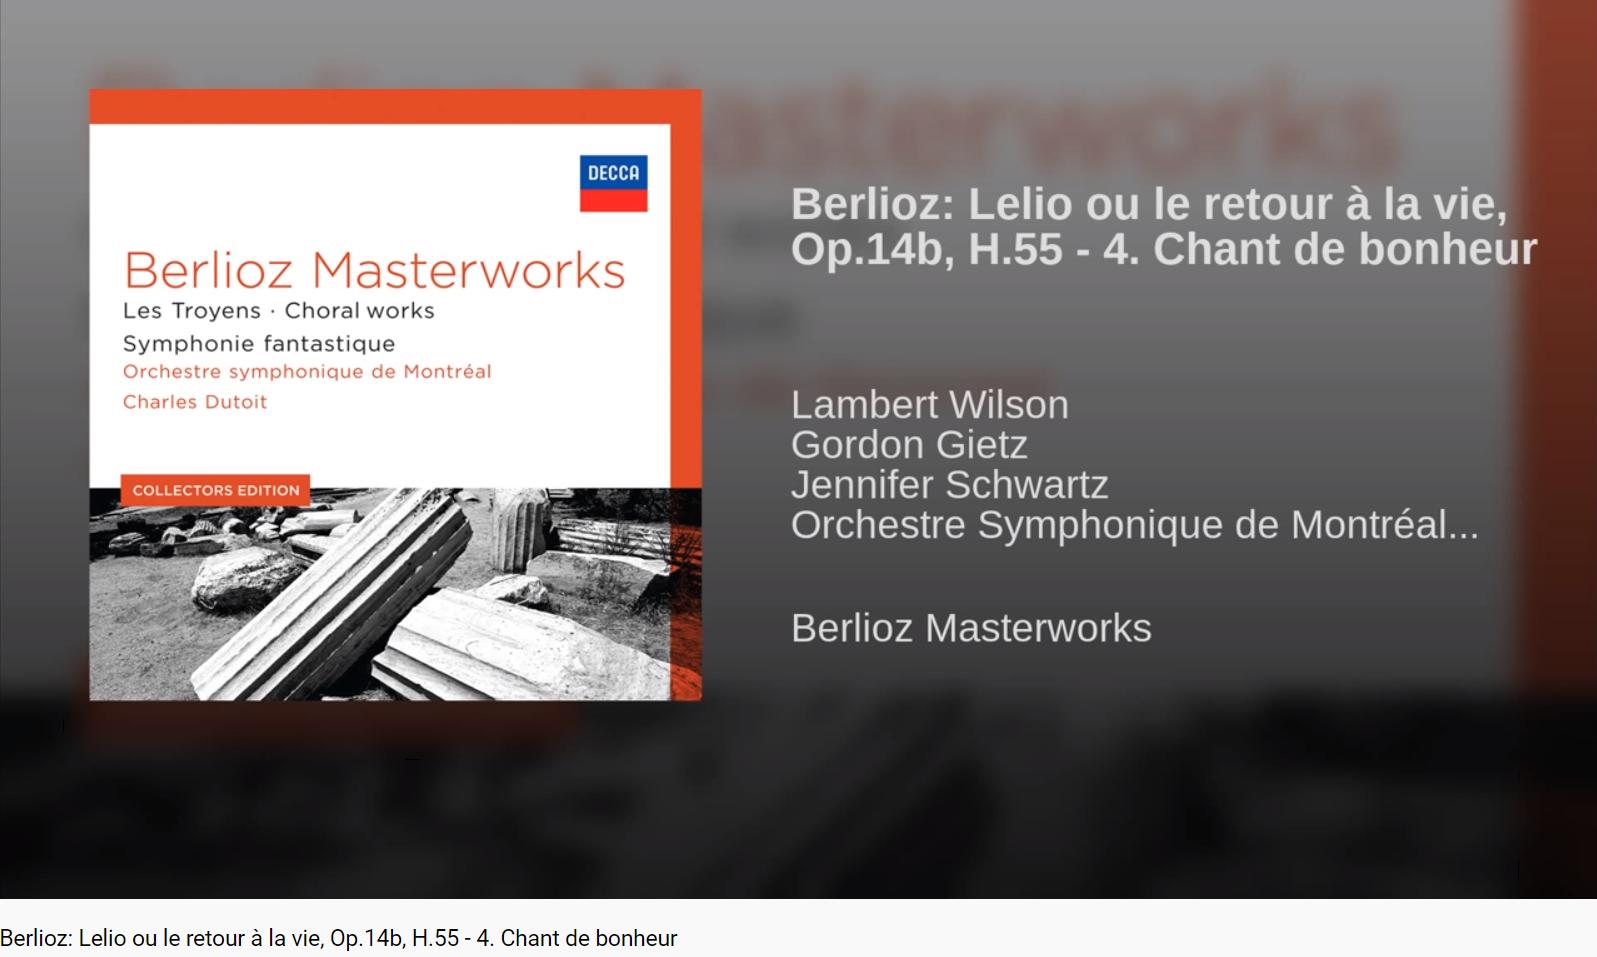 Berlioz Lélio ou le retour à la vie Chant de bonheur